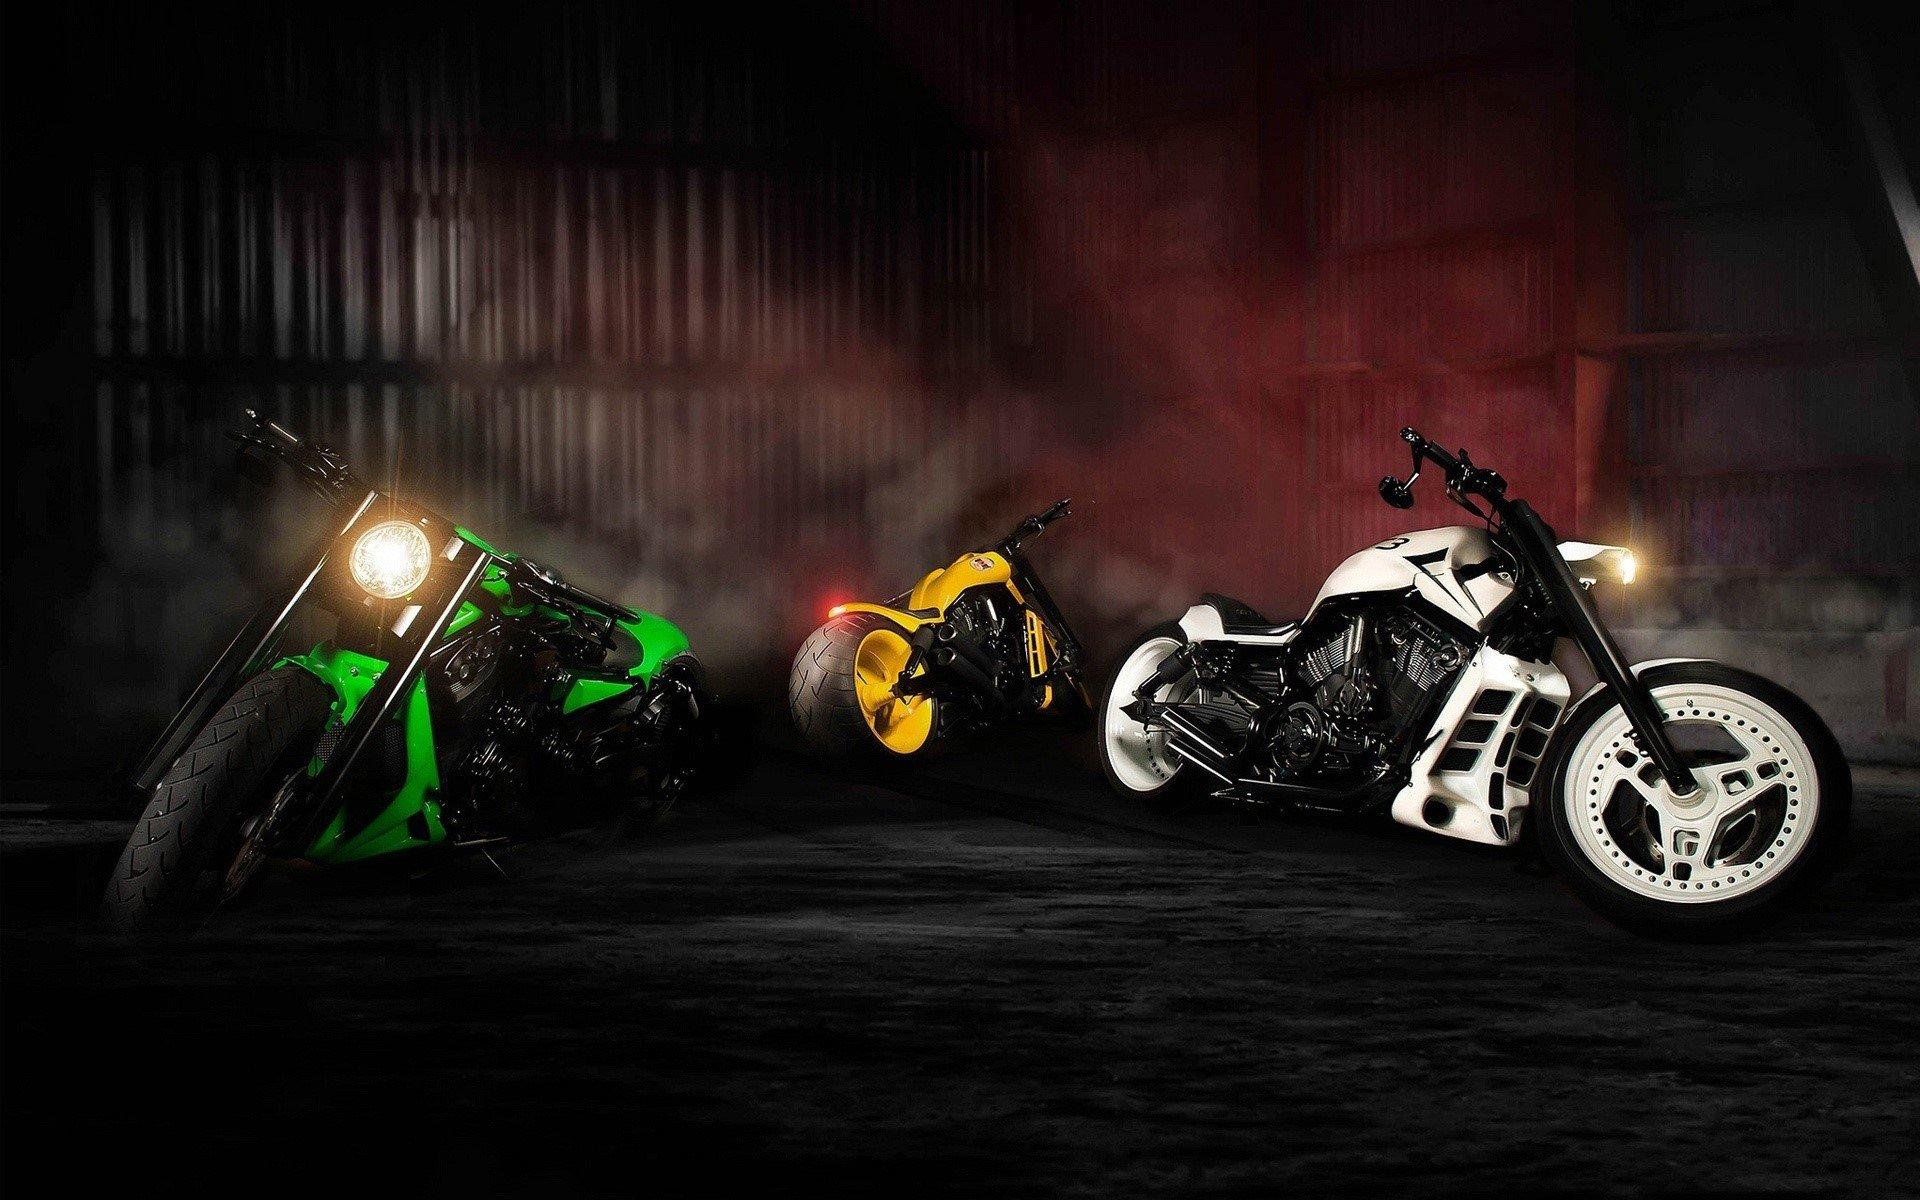 Motocicletas Nlc Fondo De Pantalla Full Hd Id2025